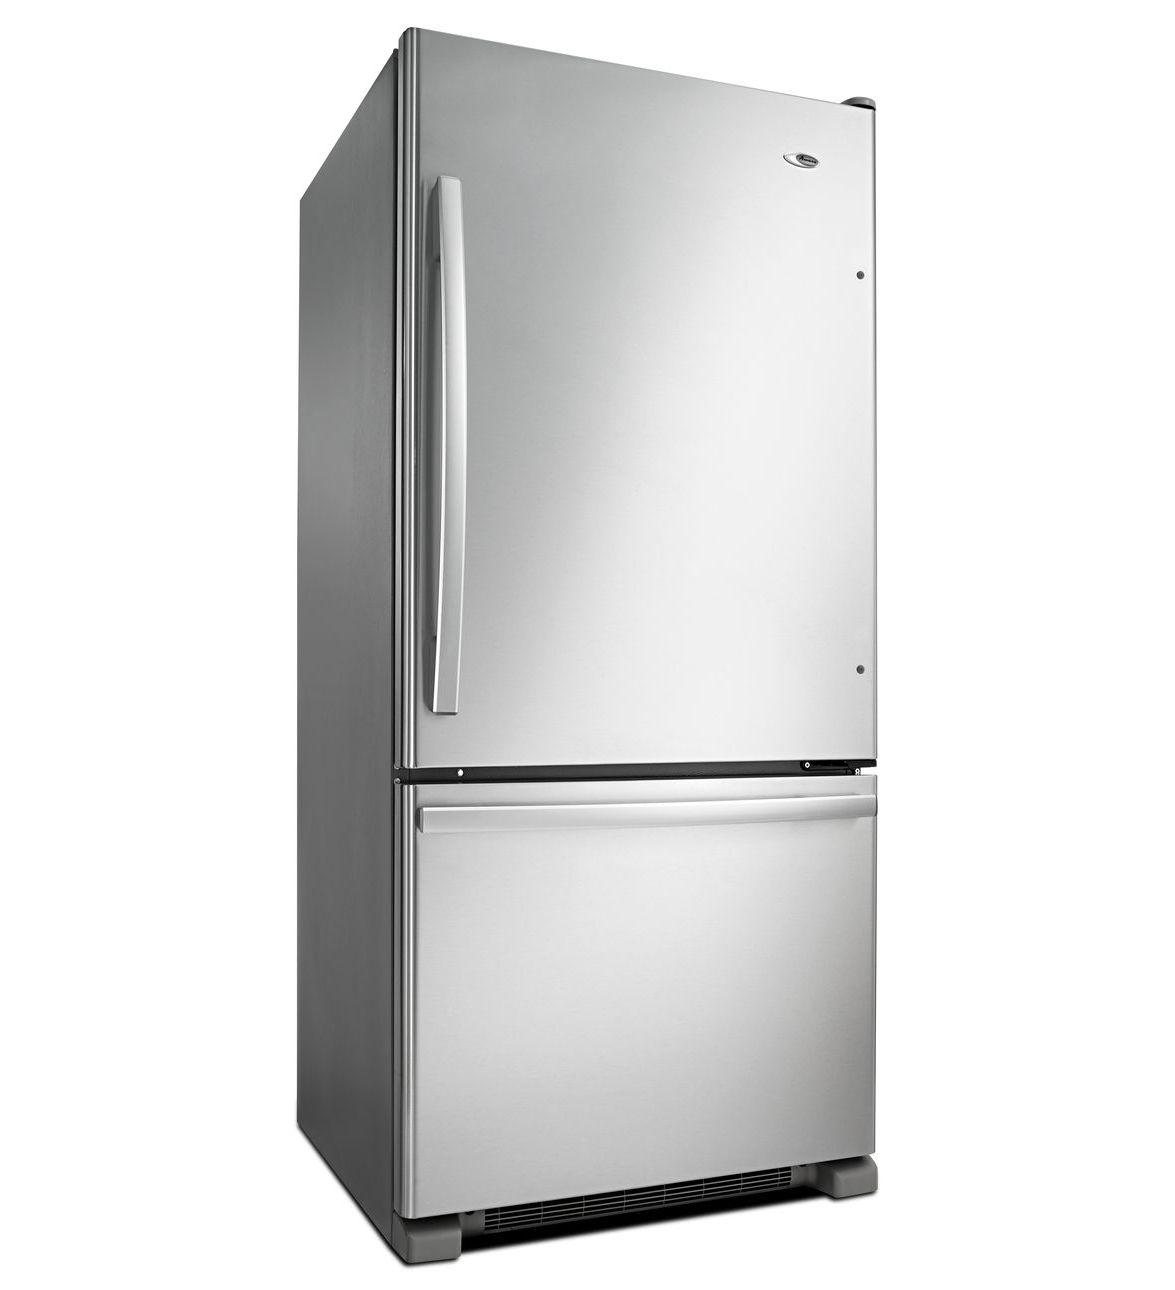 (ABB1924BRM) Amana® 29-inch Wide Amana® Bottom-Freezer ... Amana Appliances